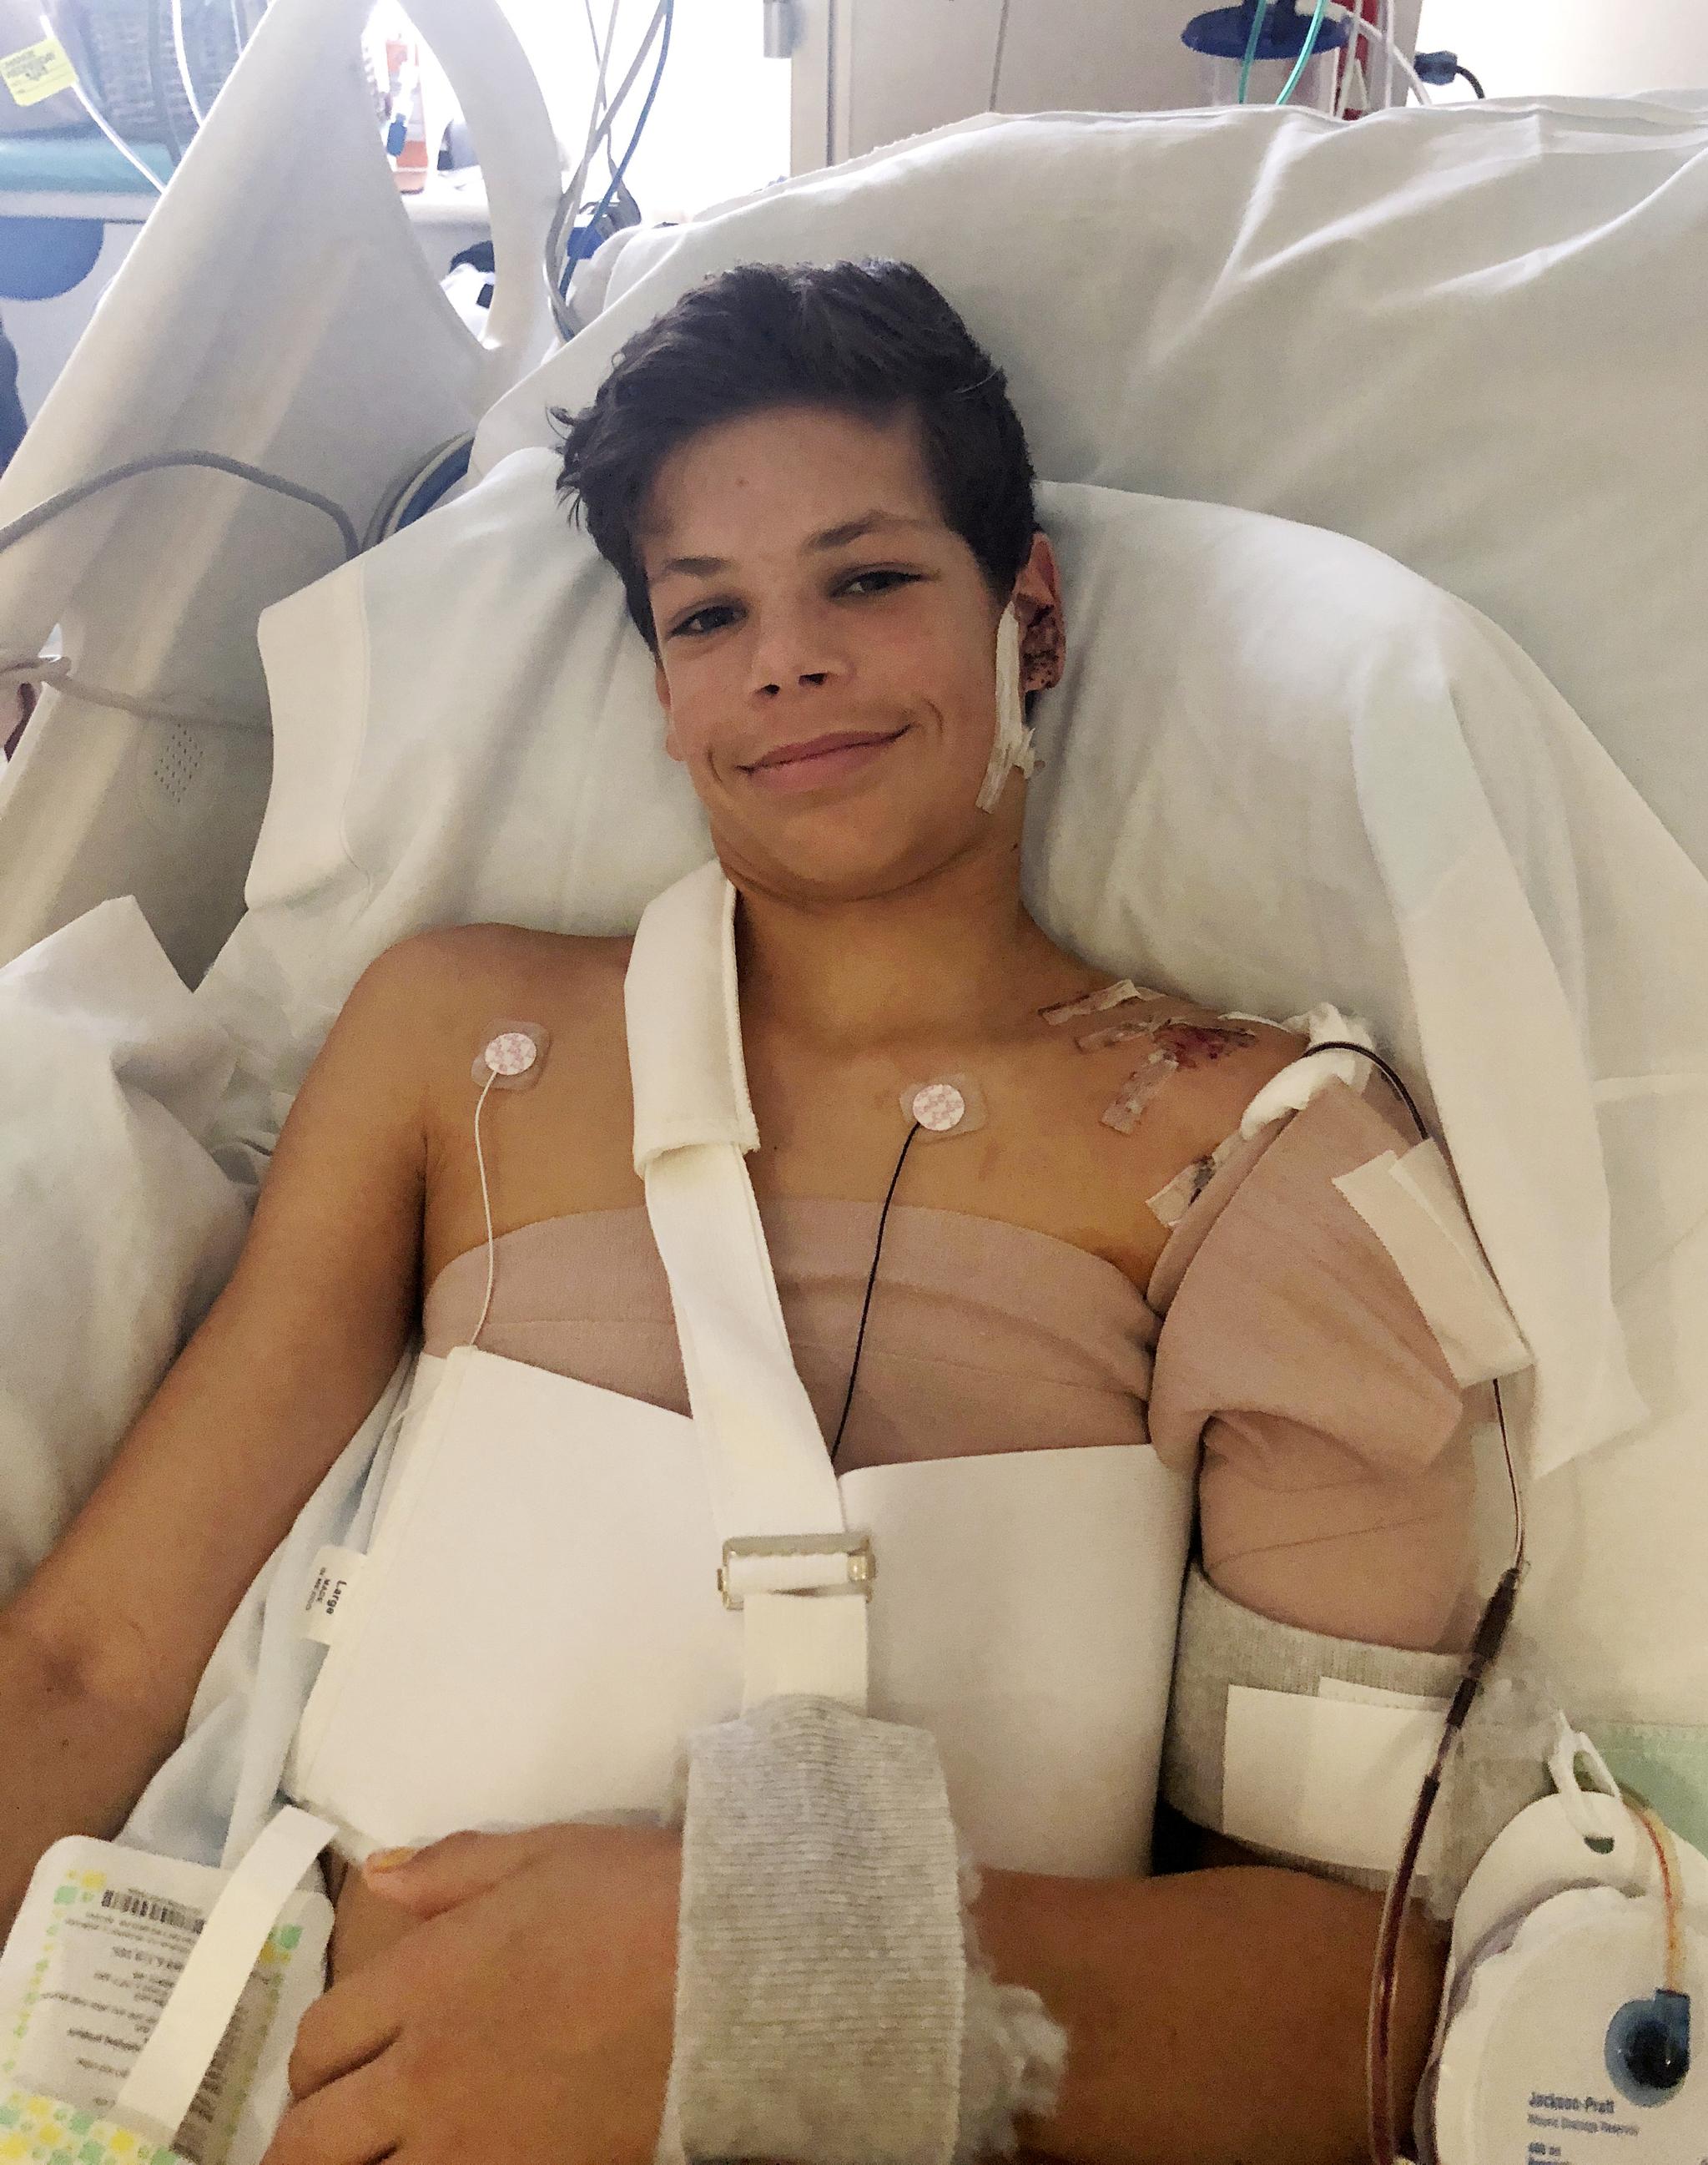 미국 남부 캘리포니아 해변에서 바닷가재를 잡기 위해 다이빙을 하다 상어에 물렸던 13살 소년 킨 웨브레-헤이스가 지난해 10월 산디에이고 병원에서 치료를 받고 있다. [AP=연합뉴스]